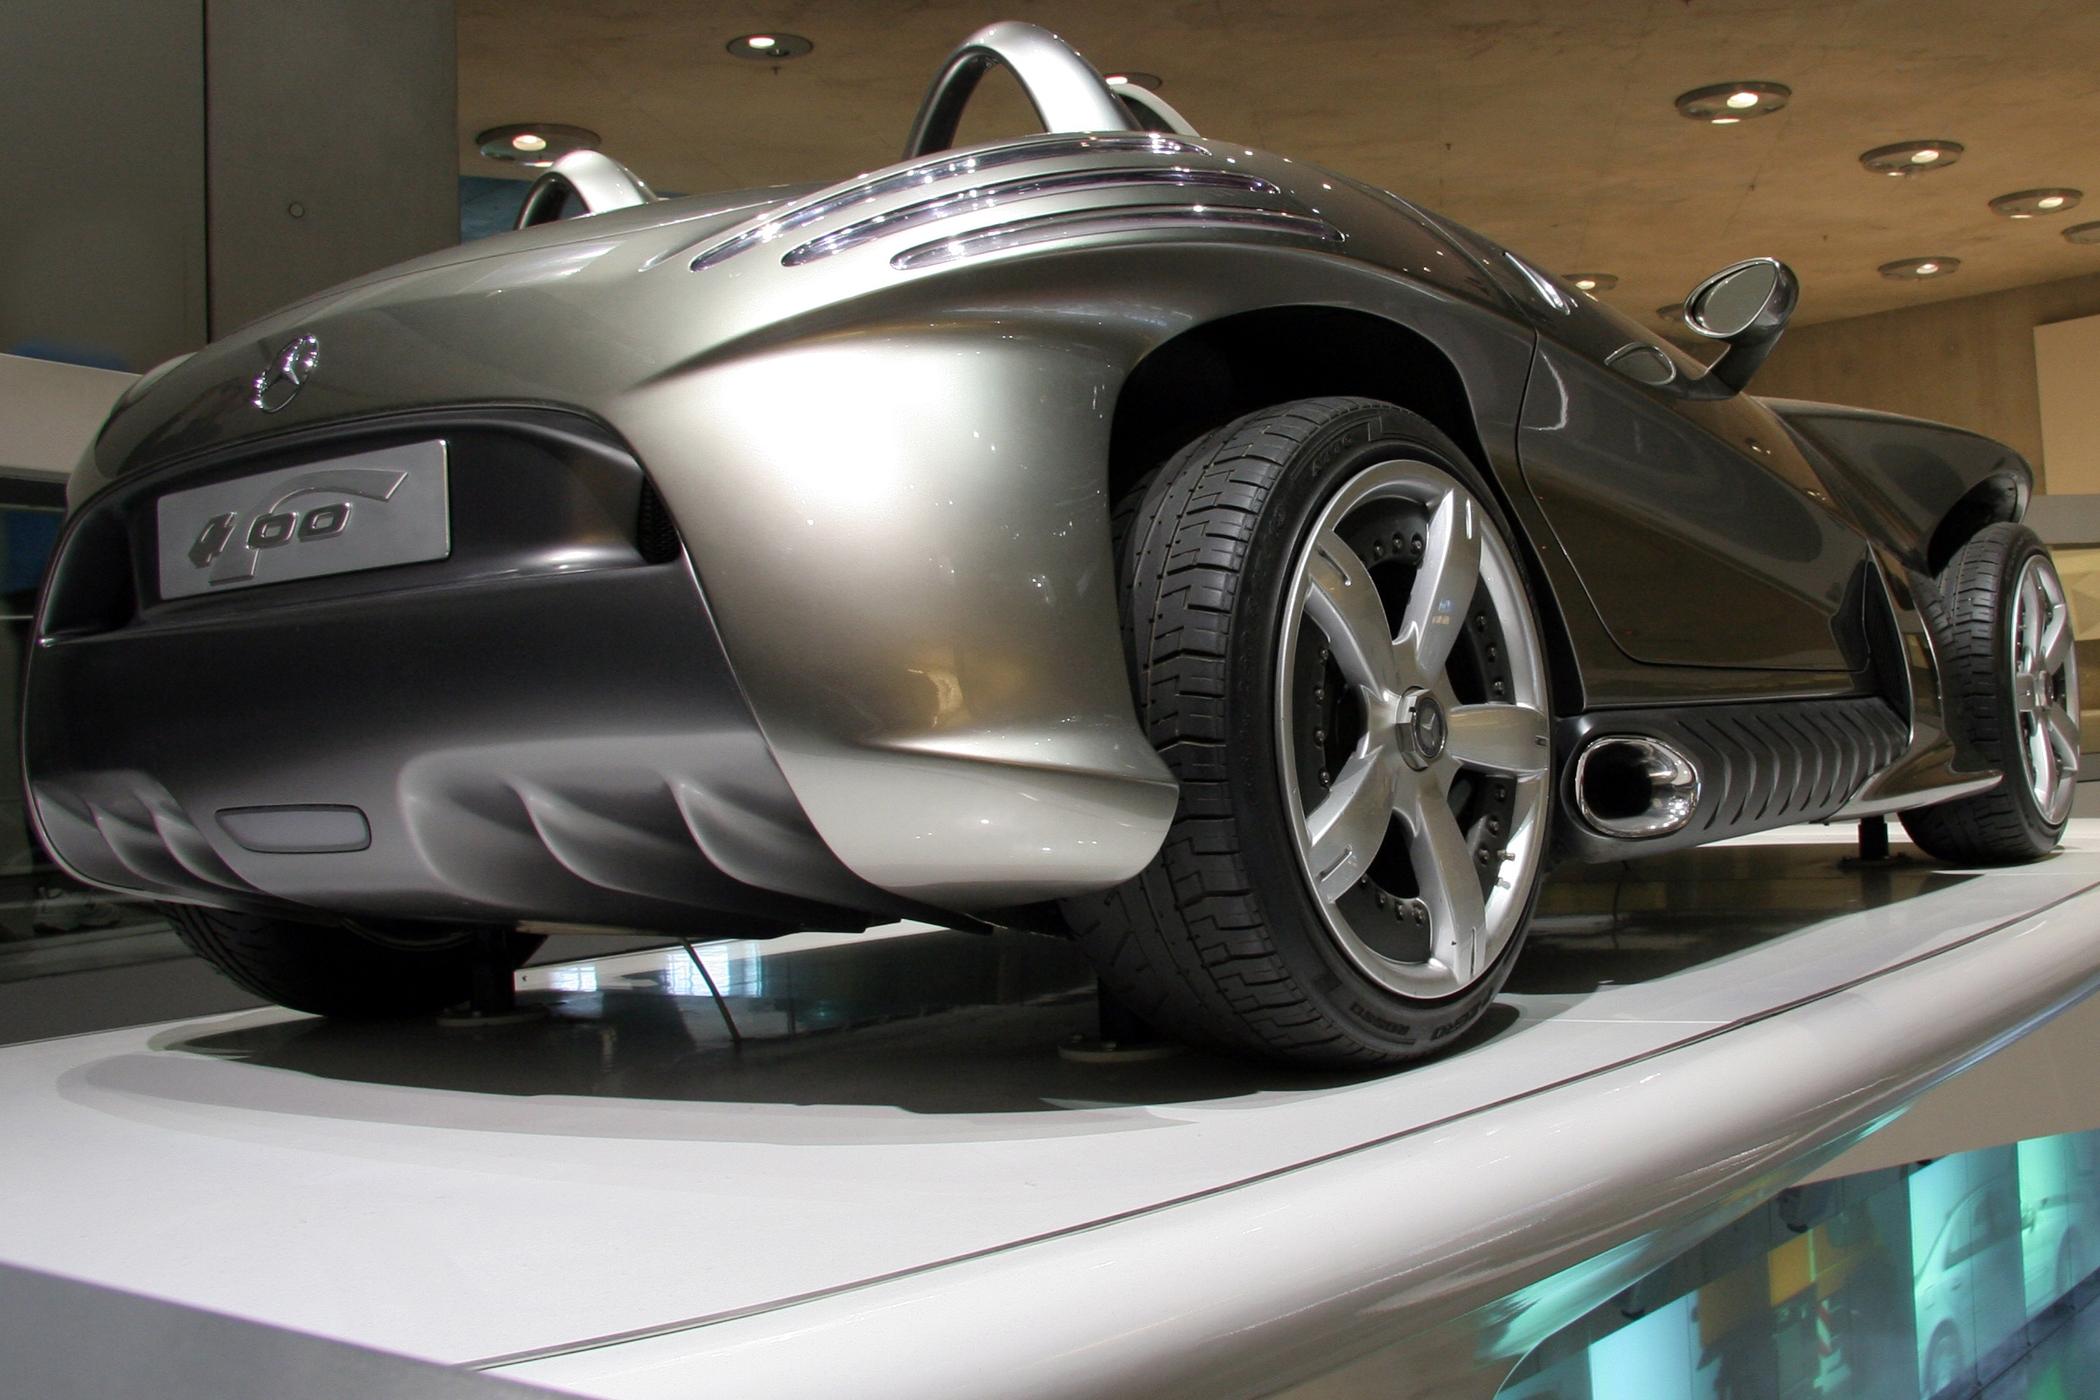 Mercedes benz f400 carving for Mercedes benz sensotronic brake control sbc